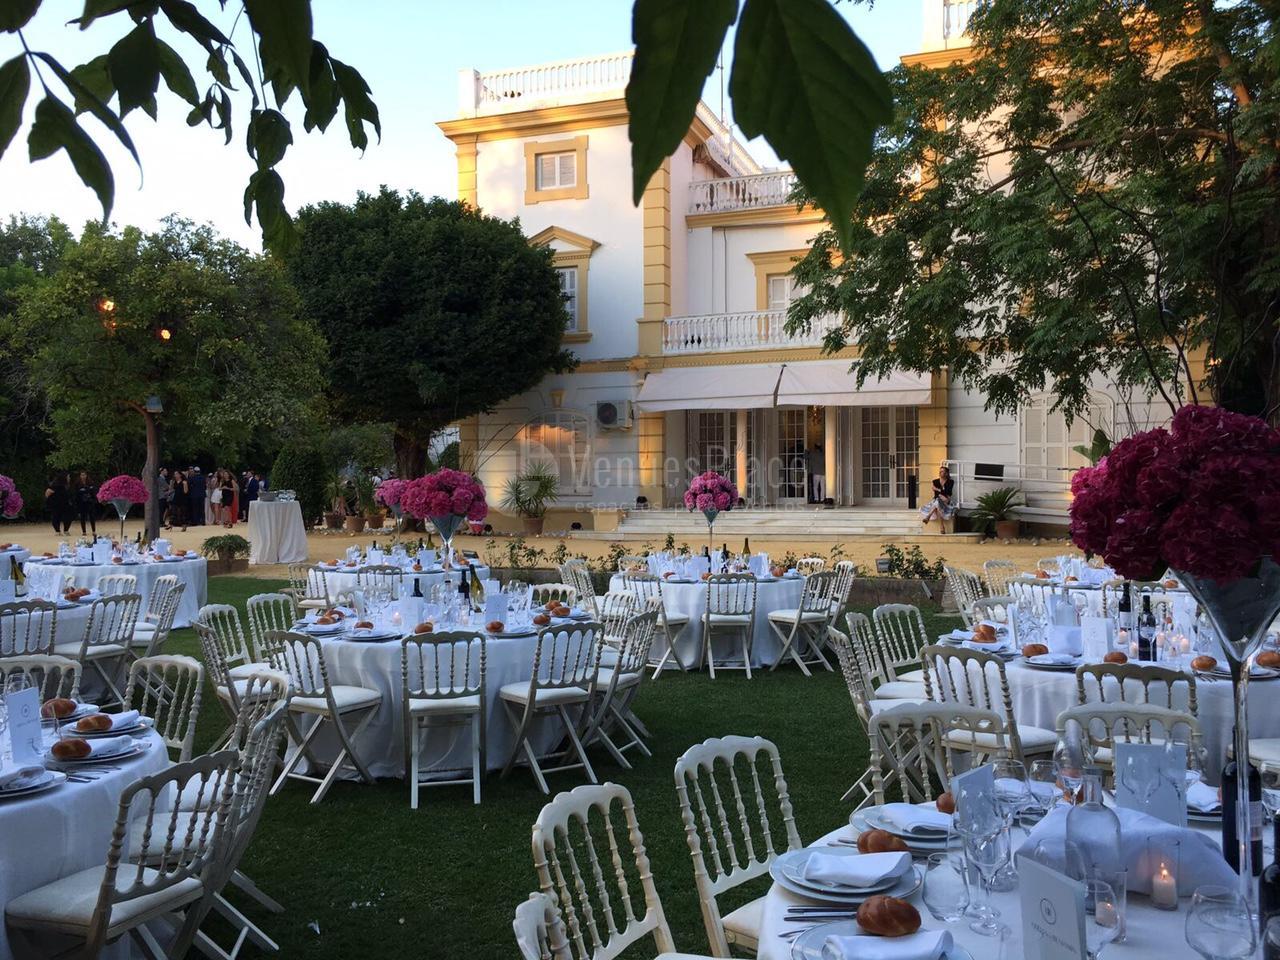 Montaje celebraciones con encanto en Casa Sotohermoso